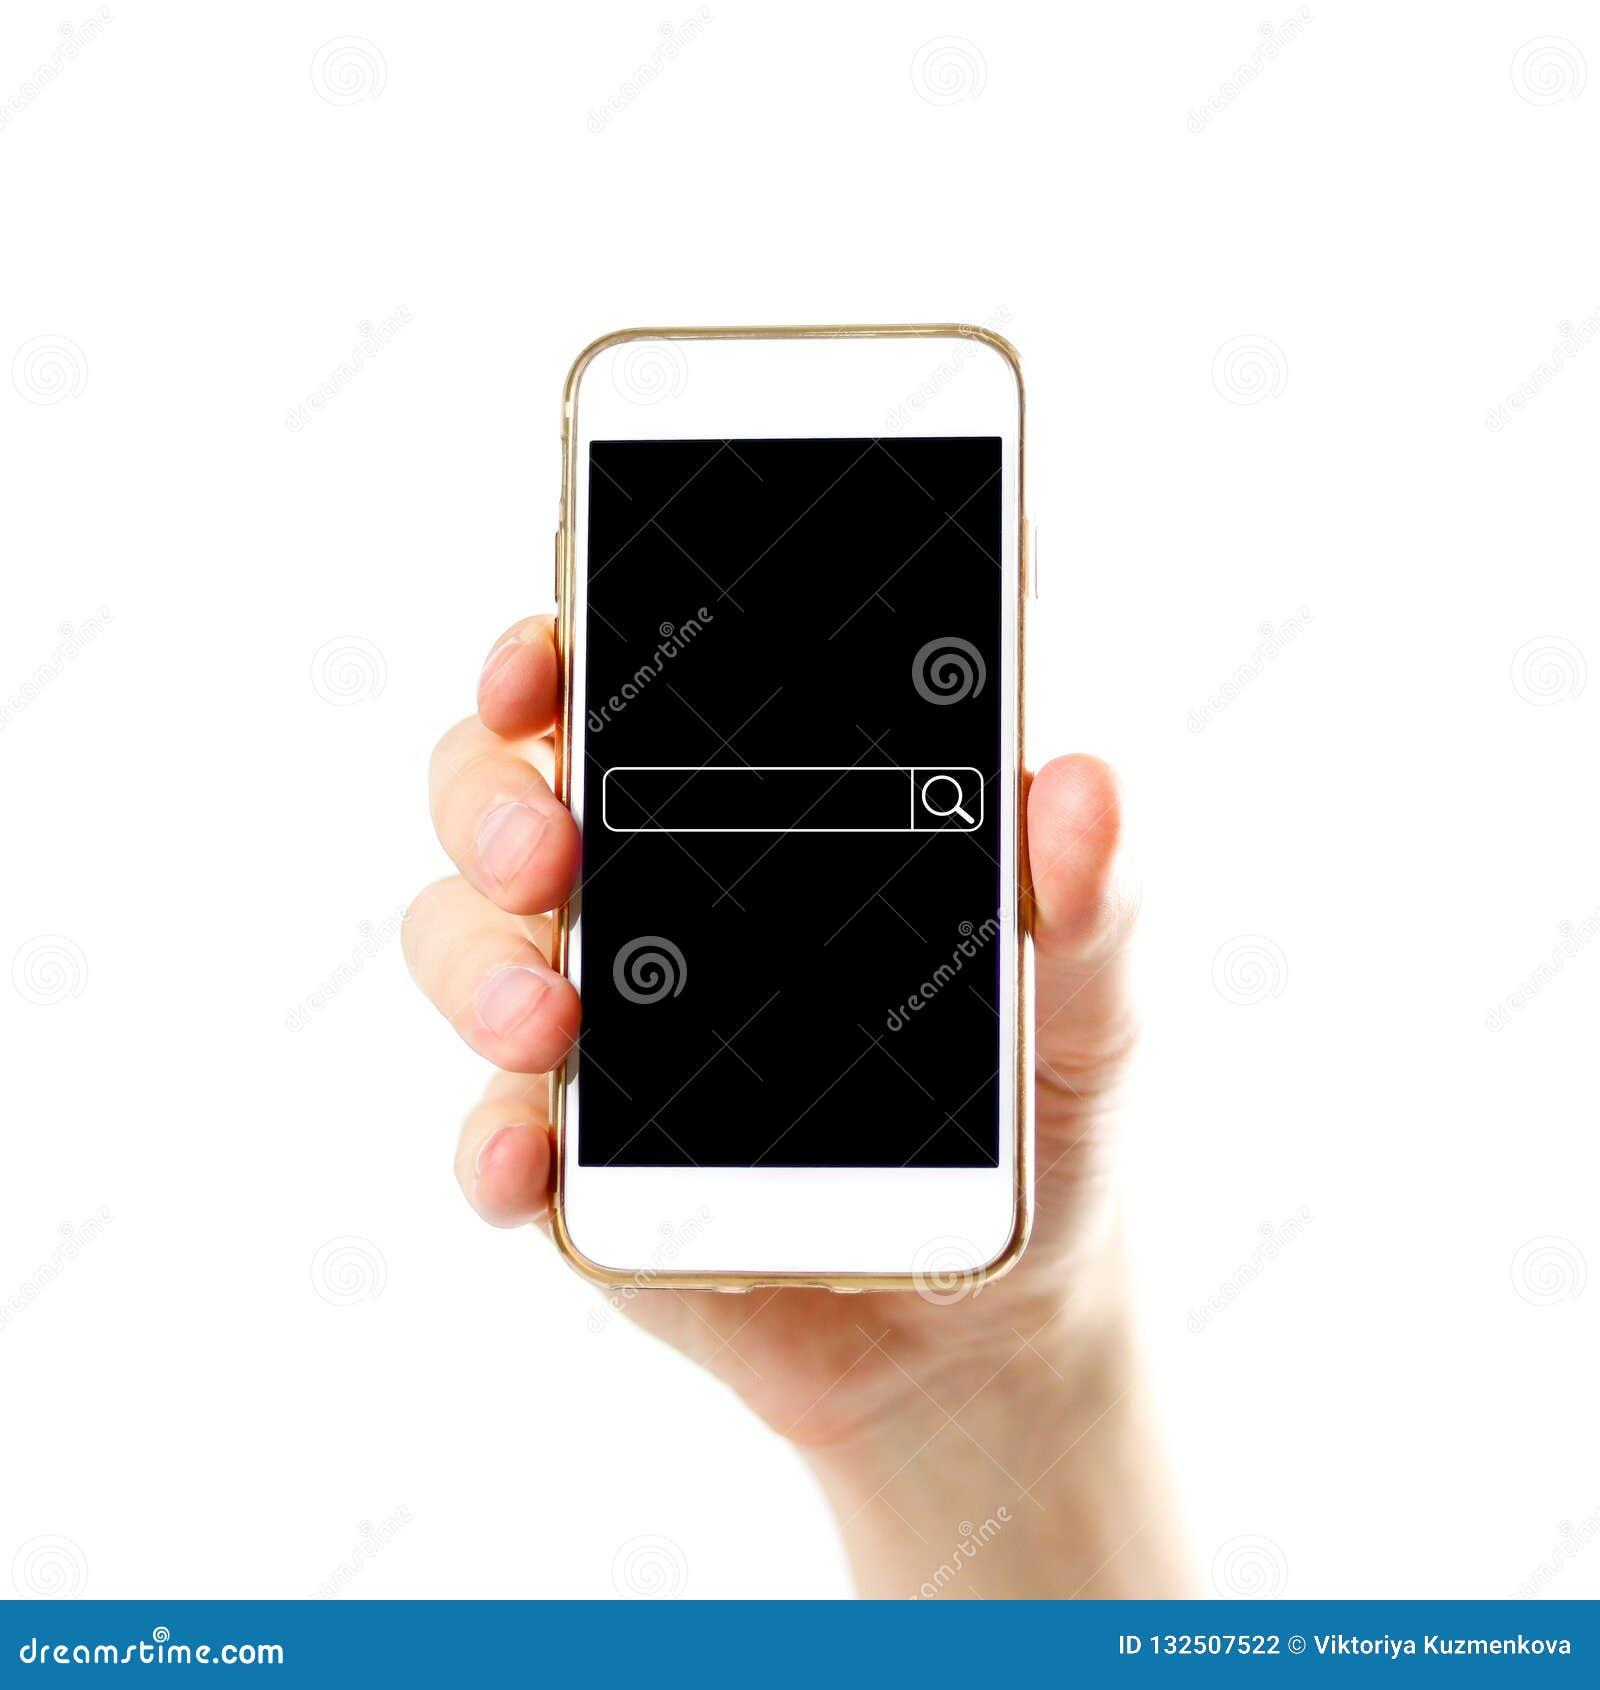 корбан при фотографировании черный экран на телефоне готова, когда рисе